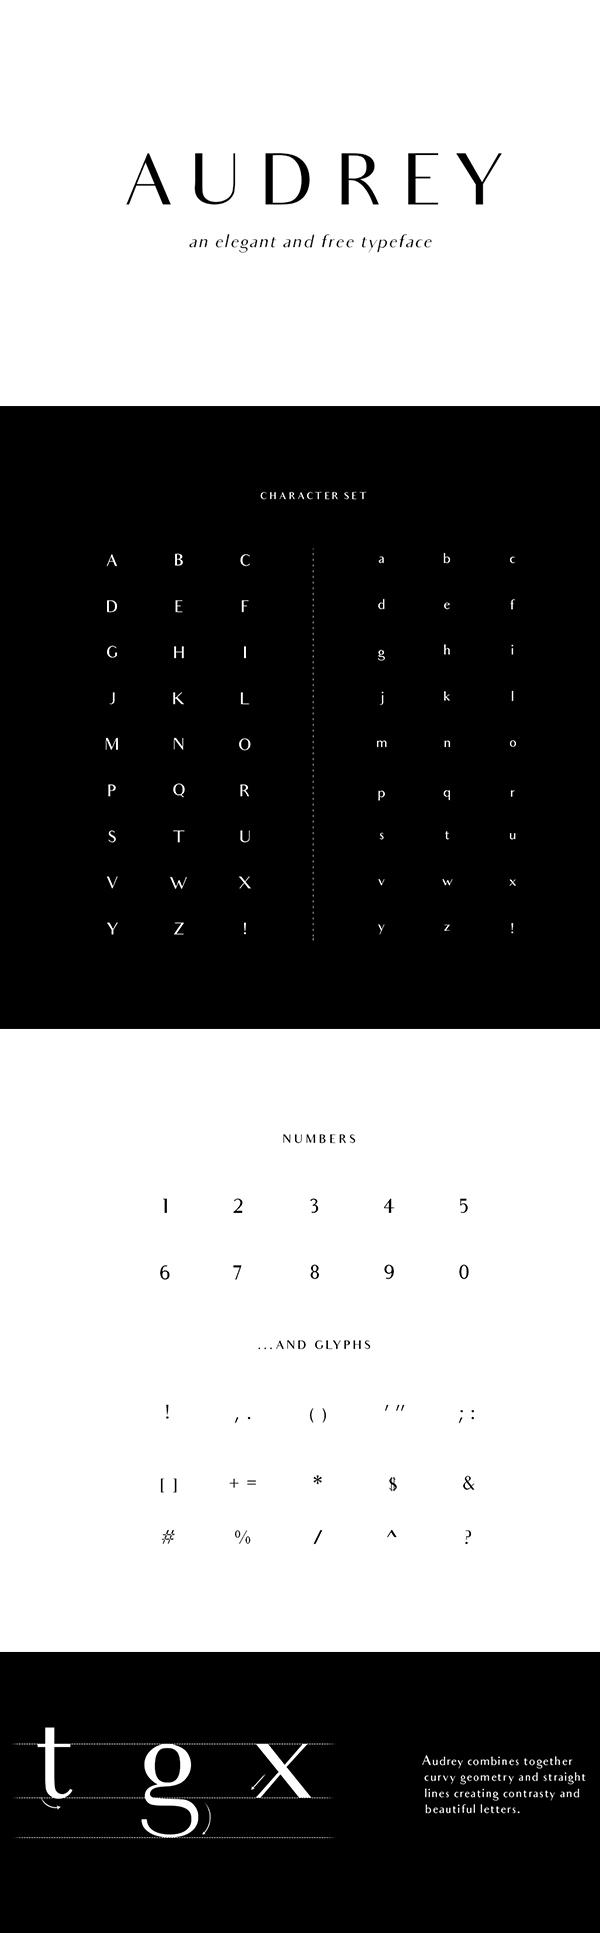 03 Audrey Free Font